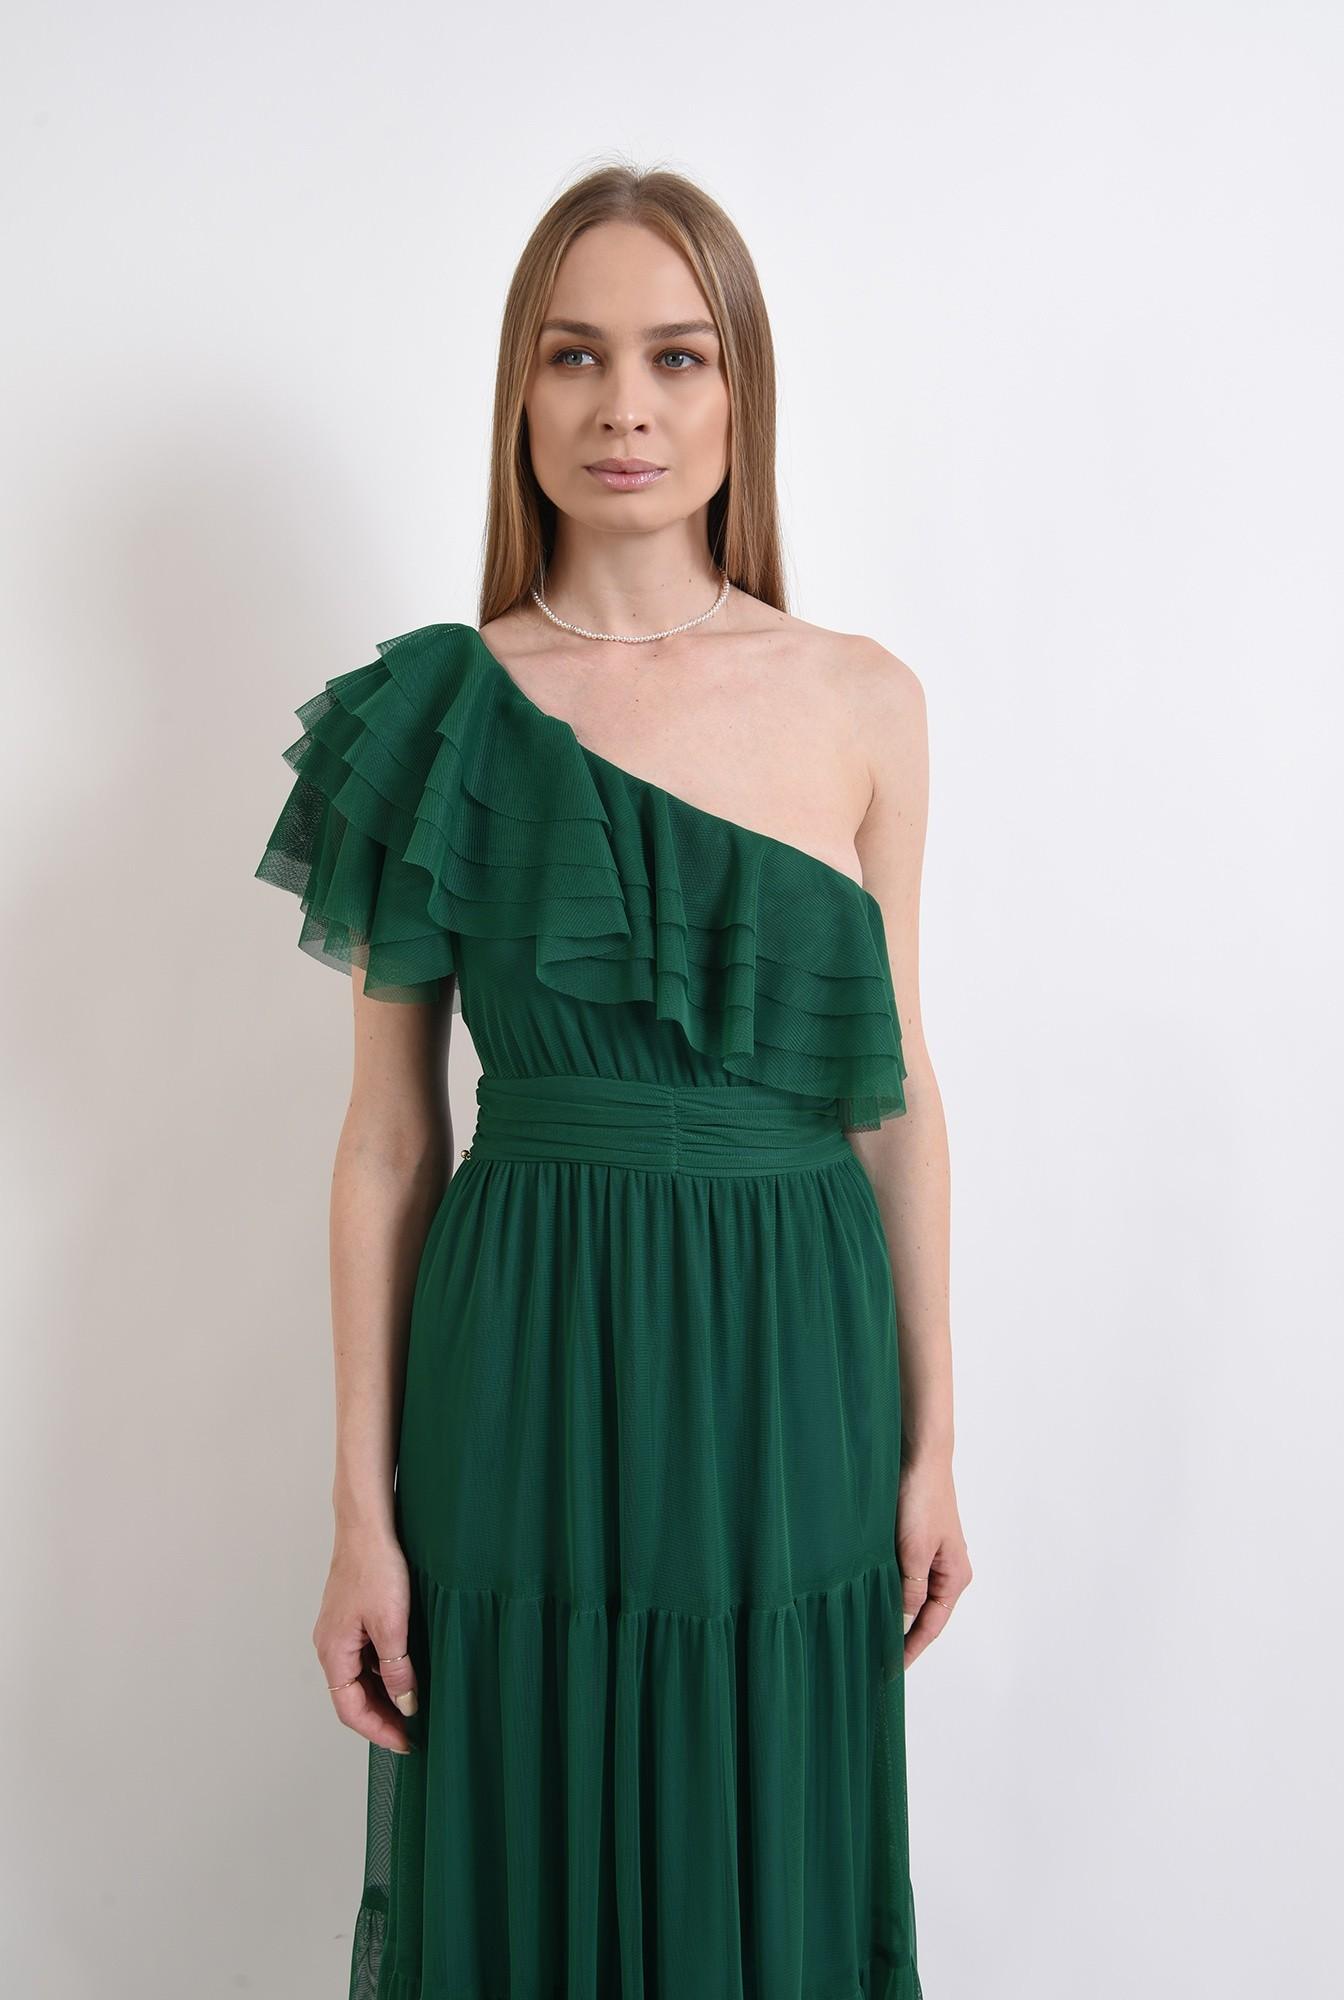 2 - rochie din tul, verde, cu decolteu asimetric